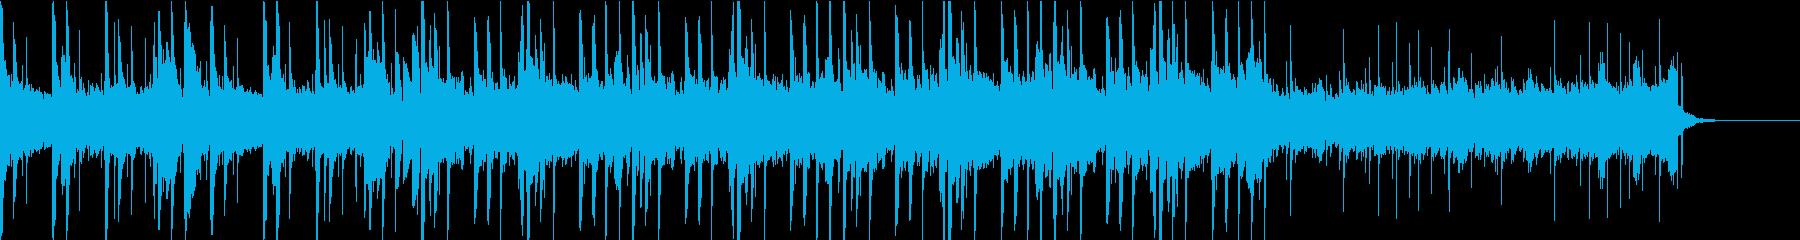 ノスタルジーギターの再生済みの波形